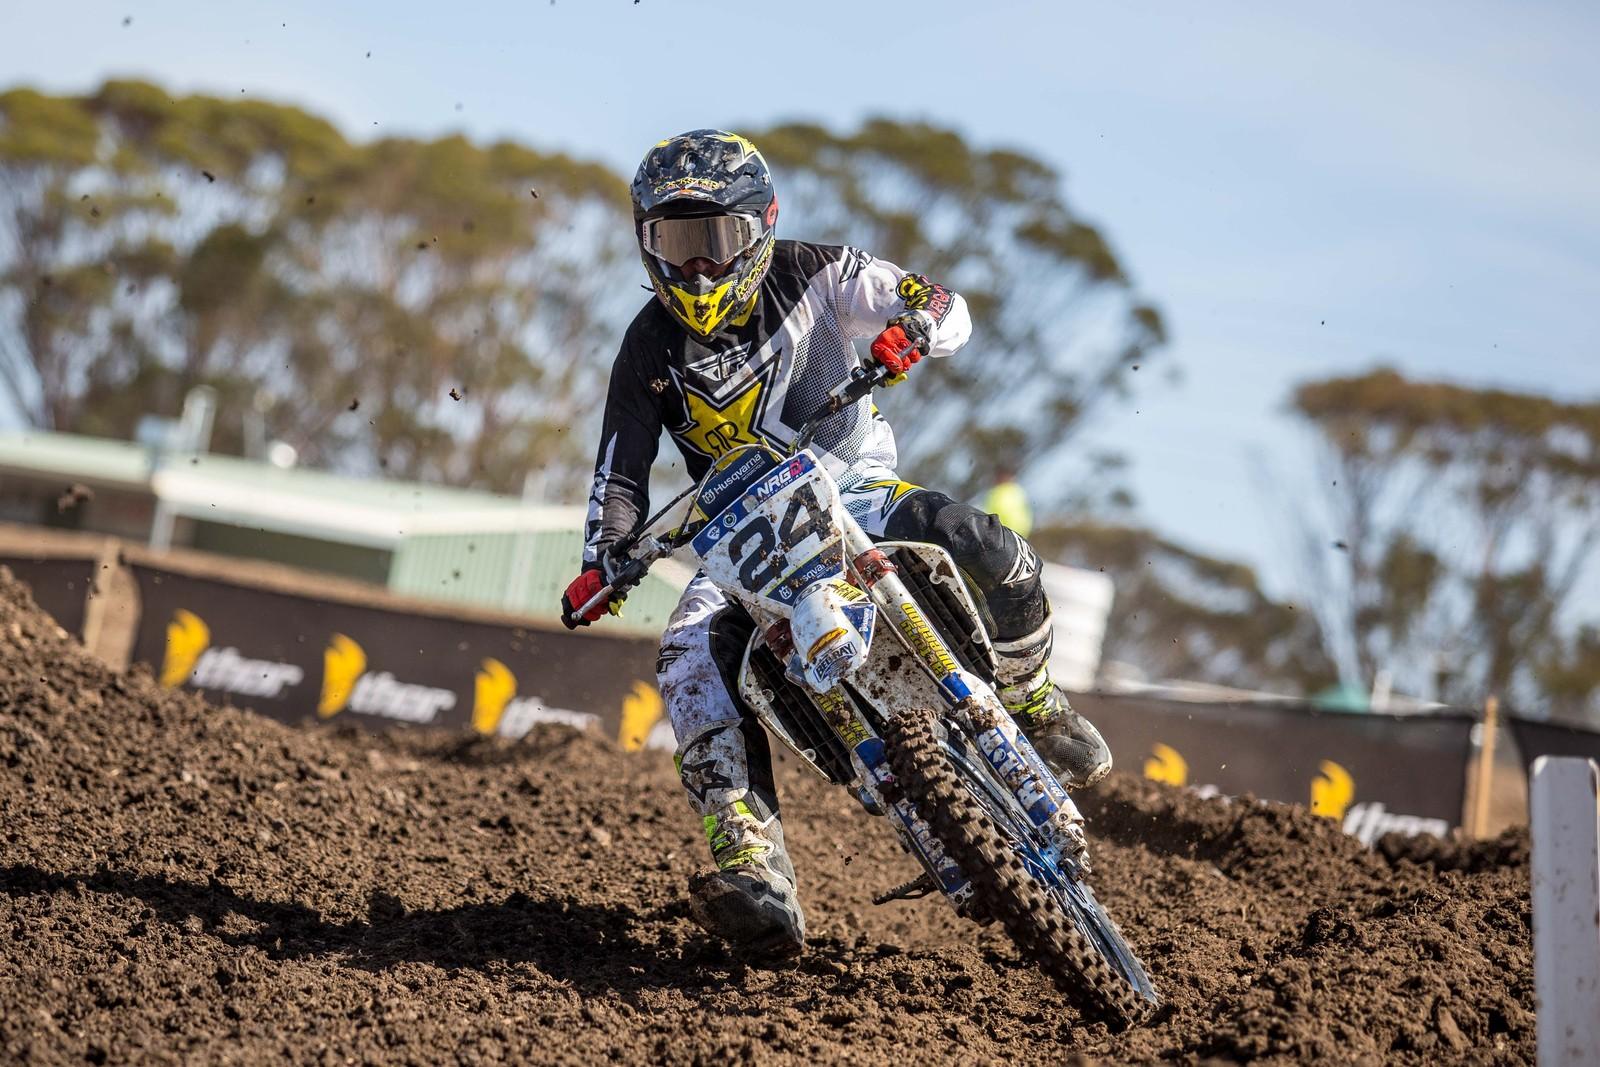 Brett Metcalfe - Australian Motul Motocross Nationals Round. 1, Horsham - Motocross Pictures - Vital MX